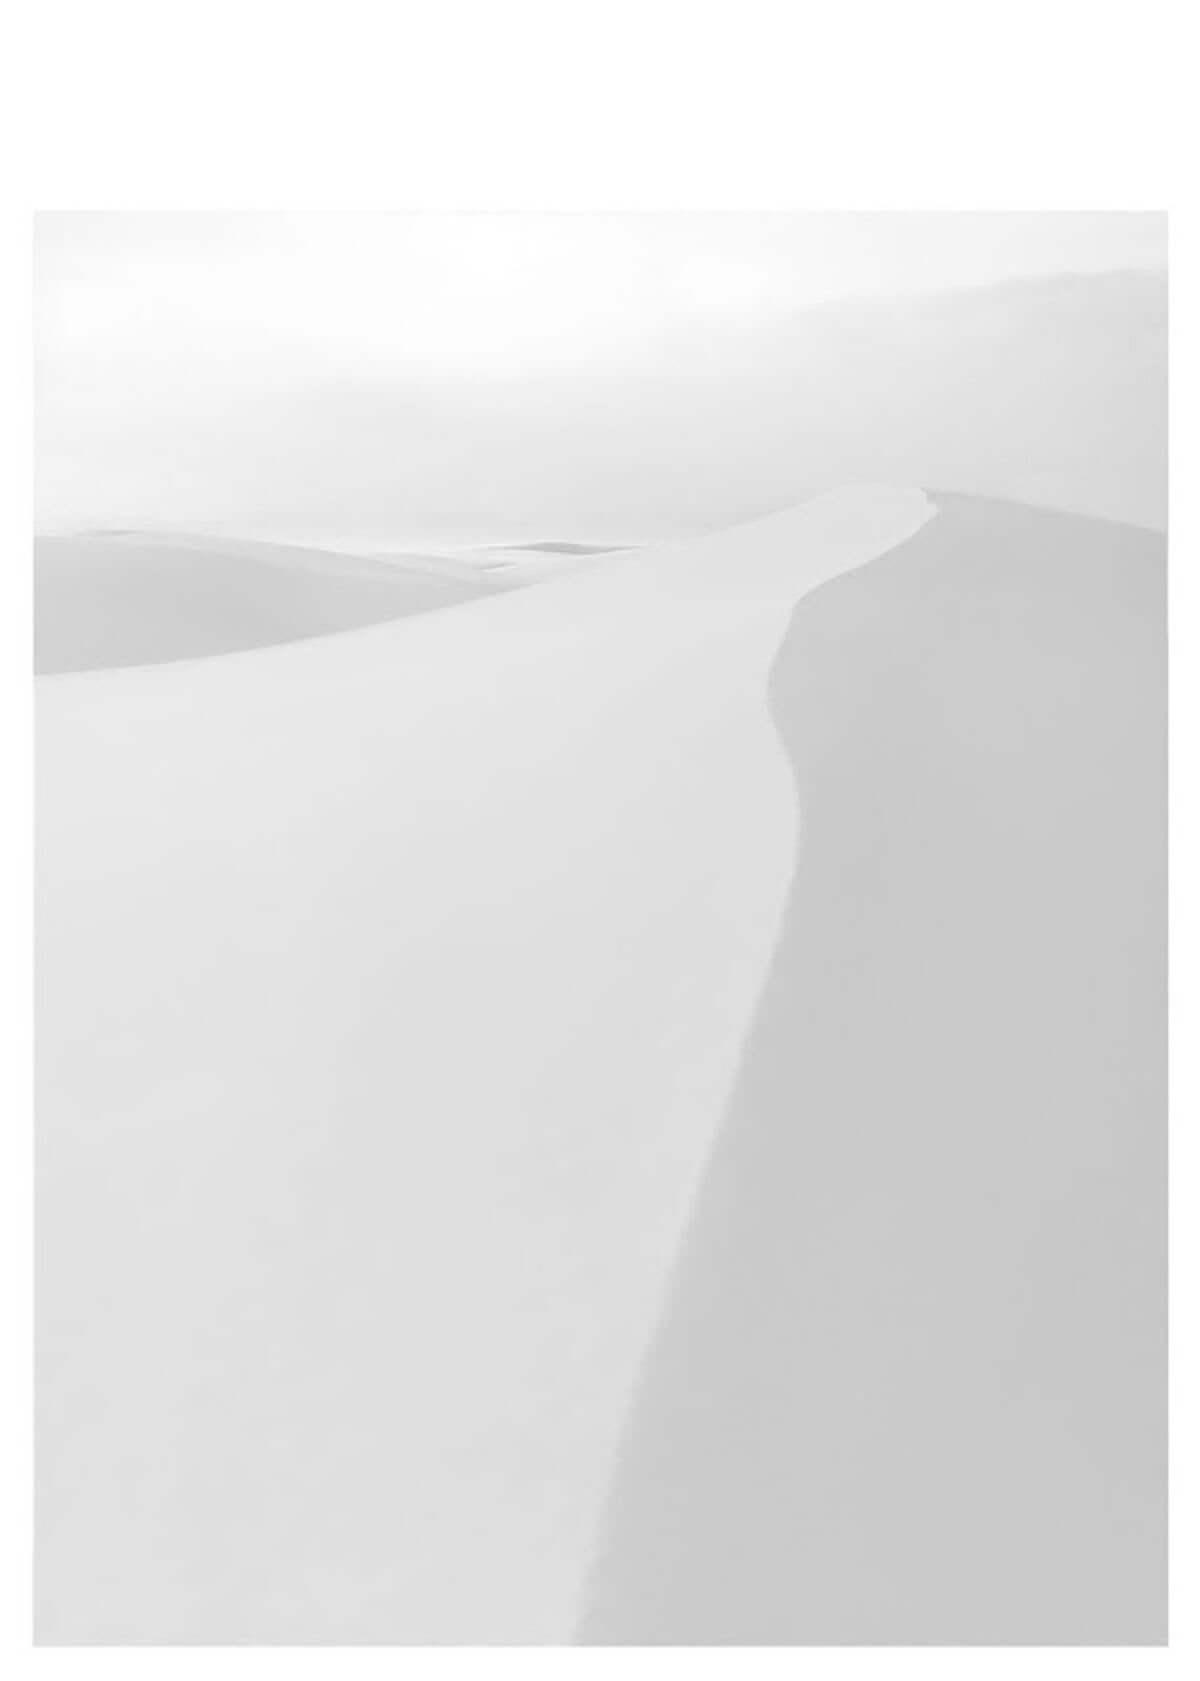 砂漠で撮影された一枚の写真が出発点。ヴィレ・アンデション個展『I CAN'T GO ON. I WILL GO ON.』開催 art180918_villeandersson_1-1200x1681